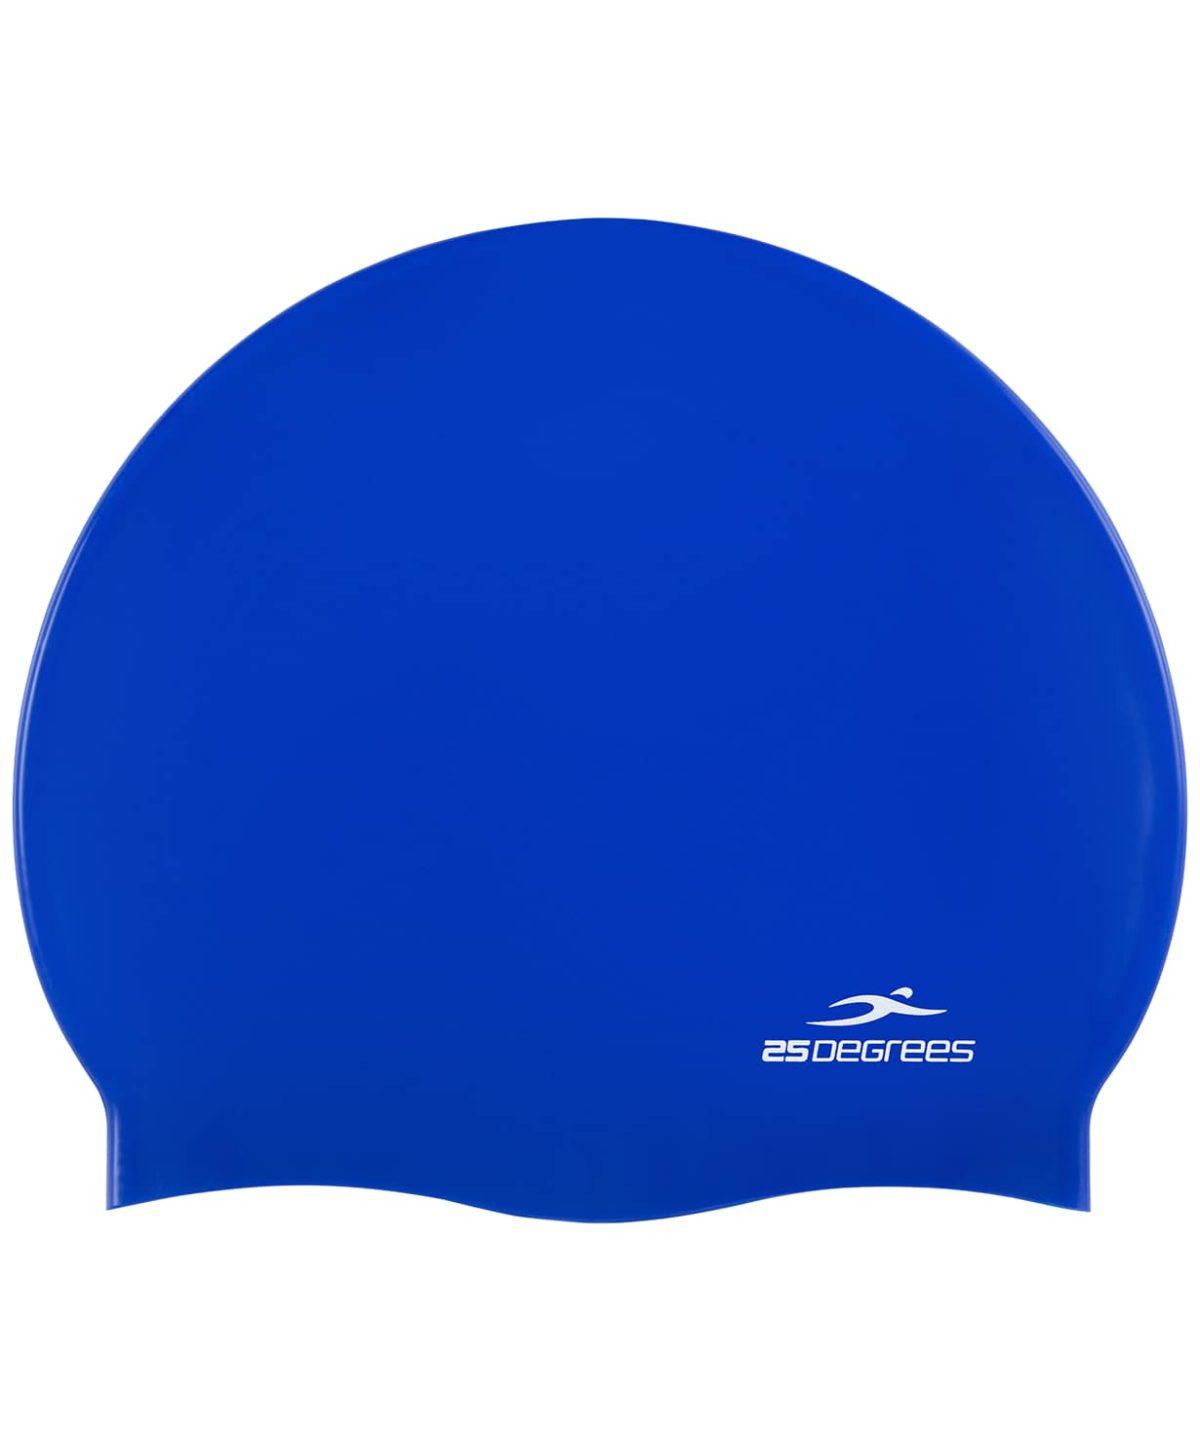 25DEGREES Шапочка для плавания Nuance, силикон 25D15-NU-20-30: синий - 1